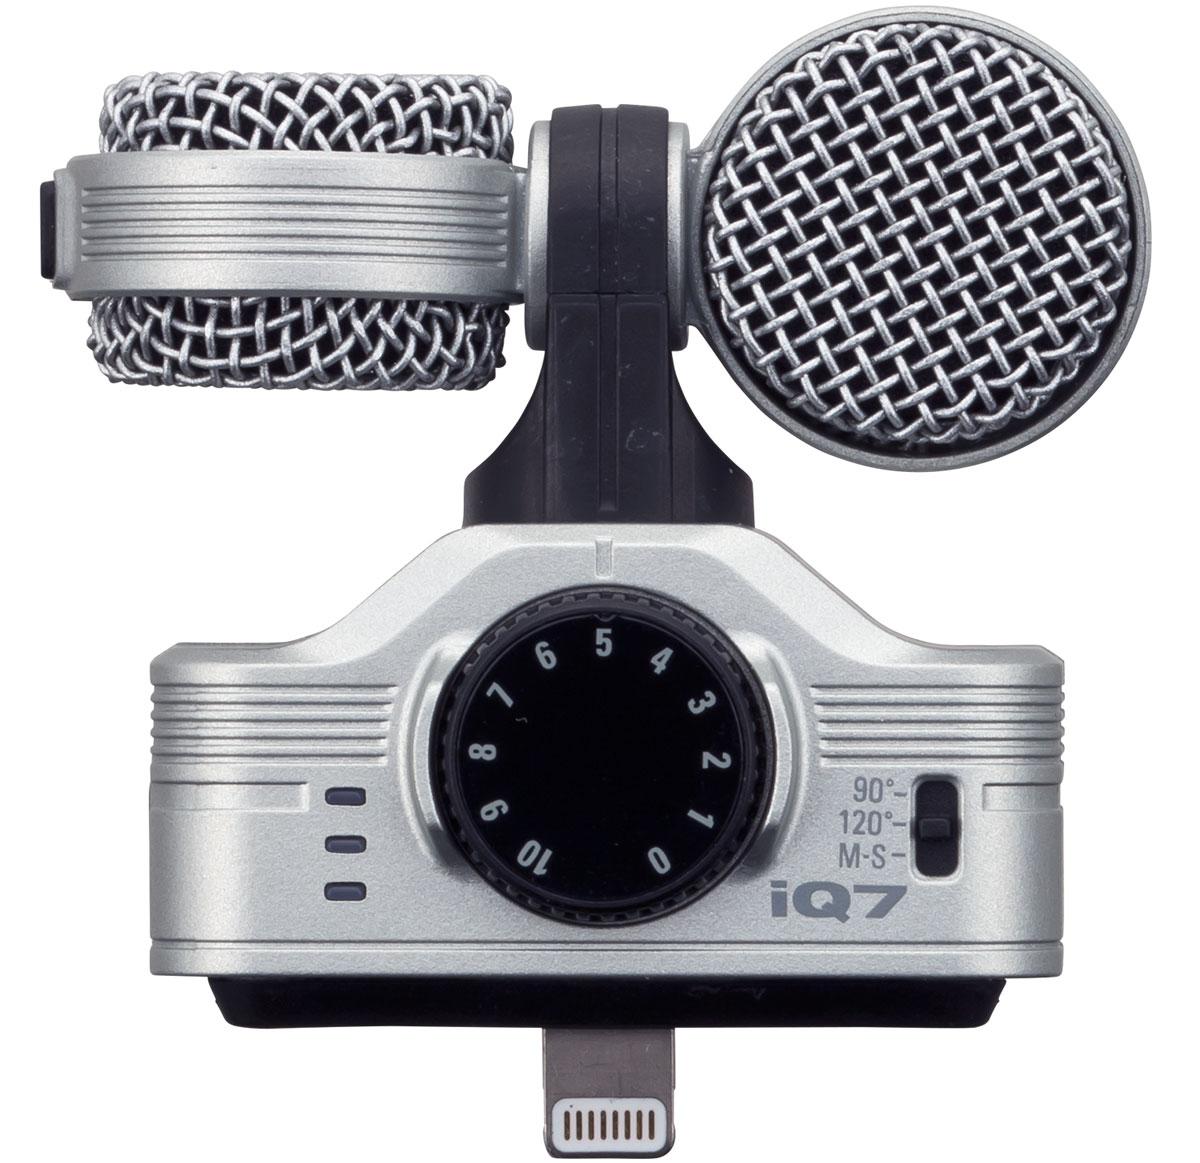 Zoom IQ7, Black iOS-совместимый микрофонIQ7Встречайте Zoom iQ7 – съемный микрофон для iPhone, iPad и iPod TouchПодключив Zoom iQ7 к вашему iOS-устройству, приготовьтесь перенести свою аудиозапись на абсолютно новый уровень. Это компактное устройство, которое поместится в вашем кармане, представляет собой полноценный конденсаторный стерео микрофон типа Mid-Side. Он идеально подойдет для записи музыки, а также для записи аудио при видеосъемке. При помощи iQ7 вы сможете производить аудиозапись профессионального качества прямо с вашего iPhone, iPad или iPod Touch вне зависимости от того, где вы находитесь.Создавайте и вводите новшестваПодключите iQ7 к вашему iOS-устройству и оставьте свой след в истории. Записывайте качественный звук, который сможет произвести на людей впечатление. Станьте оператором вместо того, чтобы быть наблюдателем.Всесторонний контрольСтерео микрофон iQ7 предлагает пользователю продвинутые функции, которые позволят создавать экстраординарные аудиозаписи в любом месте и в любое время. Большая передняя ручка усиления микрофона позволит вам с легкостью подобрать оптимальный уровень усиления, а трехсегментный индикатор поможет вам убедиться в том, что записываемый звук будет чистым, ясным без каких-либо перегрузок.Вдобавок к этому, в вашем распоряжении выделенный выход для наушников, который позволит вам производить мониторинг аудио как во время воспроизведения, так и прямо во время записи.Расширенная совместимостьZoom iQ7 совместим со всеми iOS-устройствами, имеющими порт Lightning. Микрофон оснащен удлиненным разъемом Lightning и имеет съемную разделительную прокладку, которая позволяет использовать IQ7 с большинством видов чехлов для iPhone, iPad и iPod touch. Для установки микрофона даже не потребуется снимать чехол.Идеальная запись в любых условияхБлагодаря вращающемуся механизму iQ7 обеспечивается правильная ориентация левого и правого стерео каналов записи вне зависимости от того для каких целей вы записываете звук.Mid-Side записьMid-Side это п